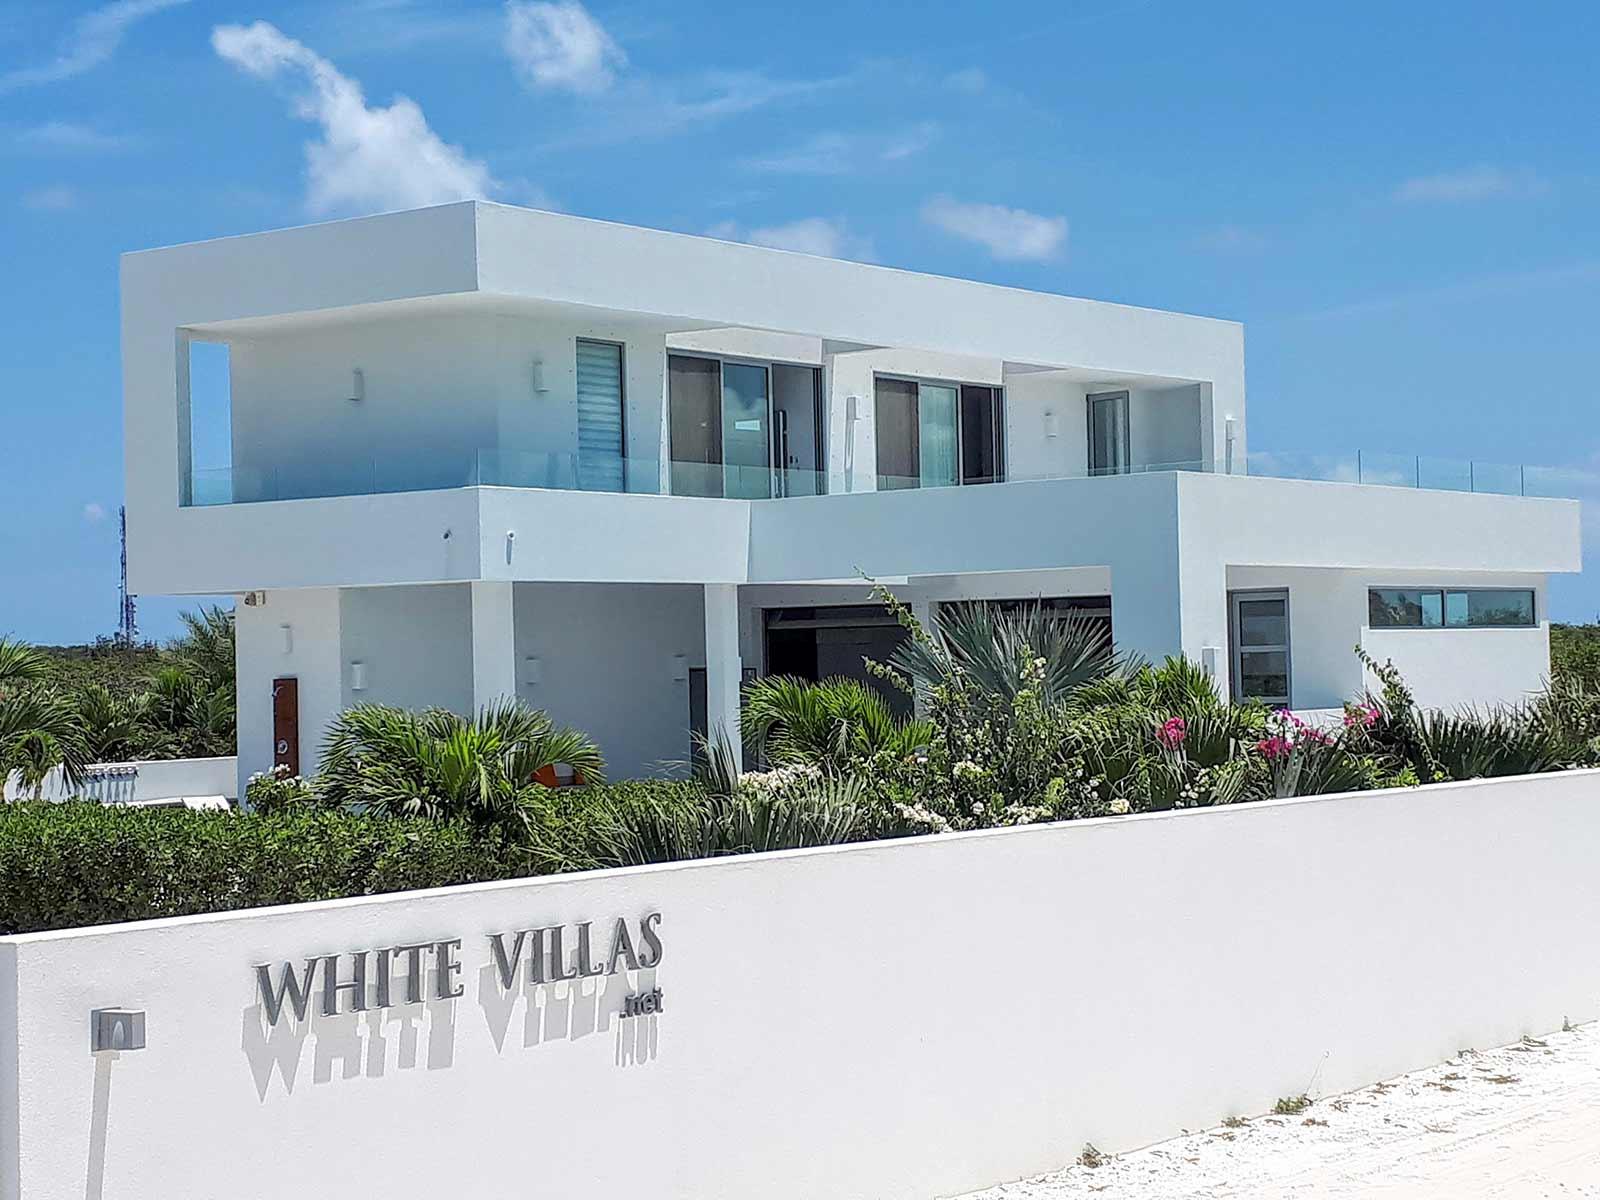 The White Villa 1